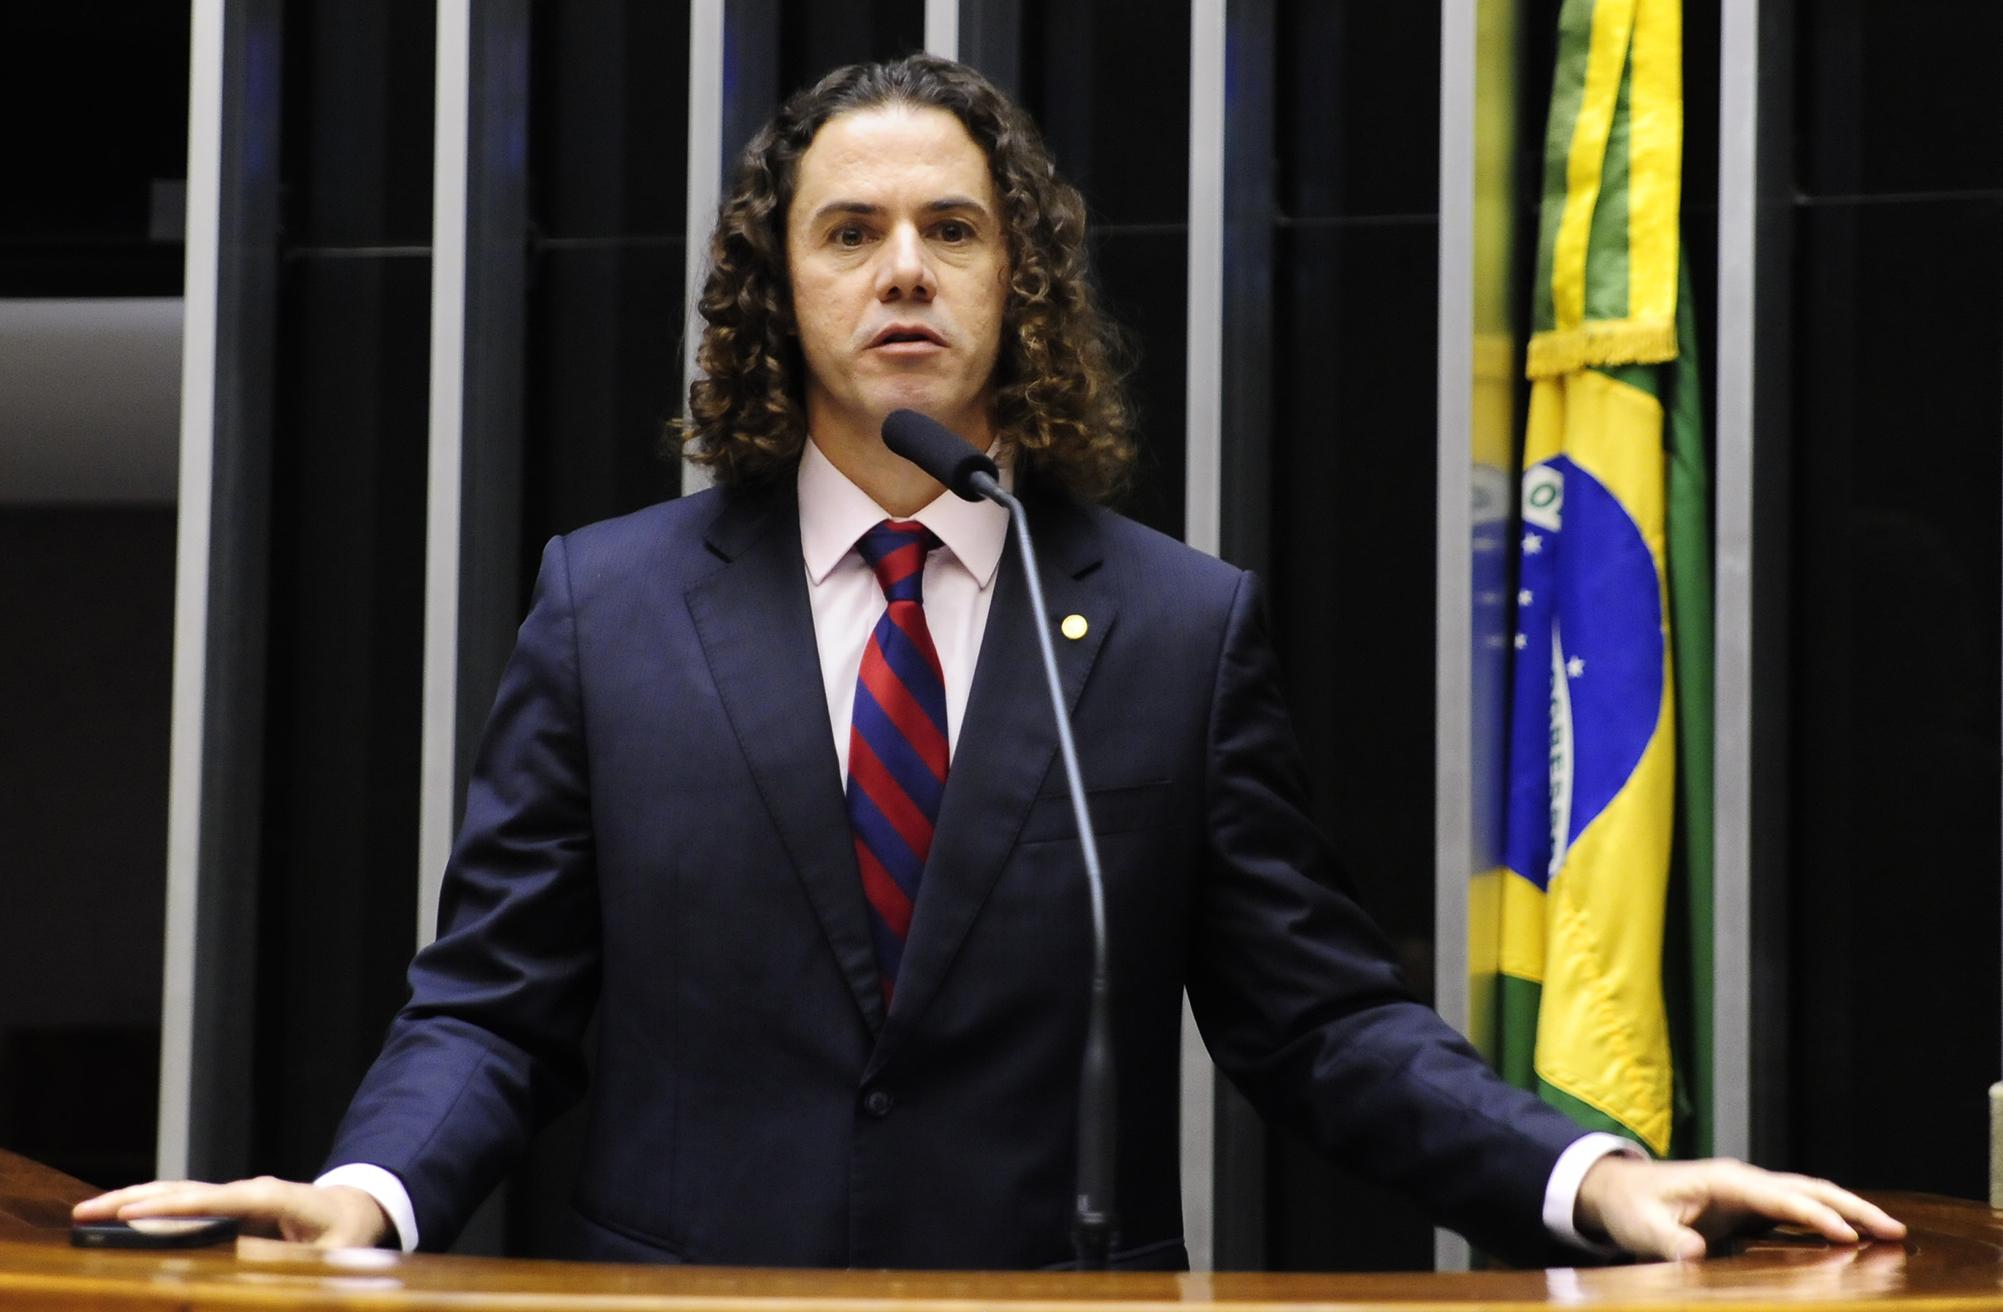 Homenagem aos Sessenta Anos da Universidade Federal da Paraíba (UFPB). Dep. Veneziano Vital do Rêgo (PMDB/ PB)